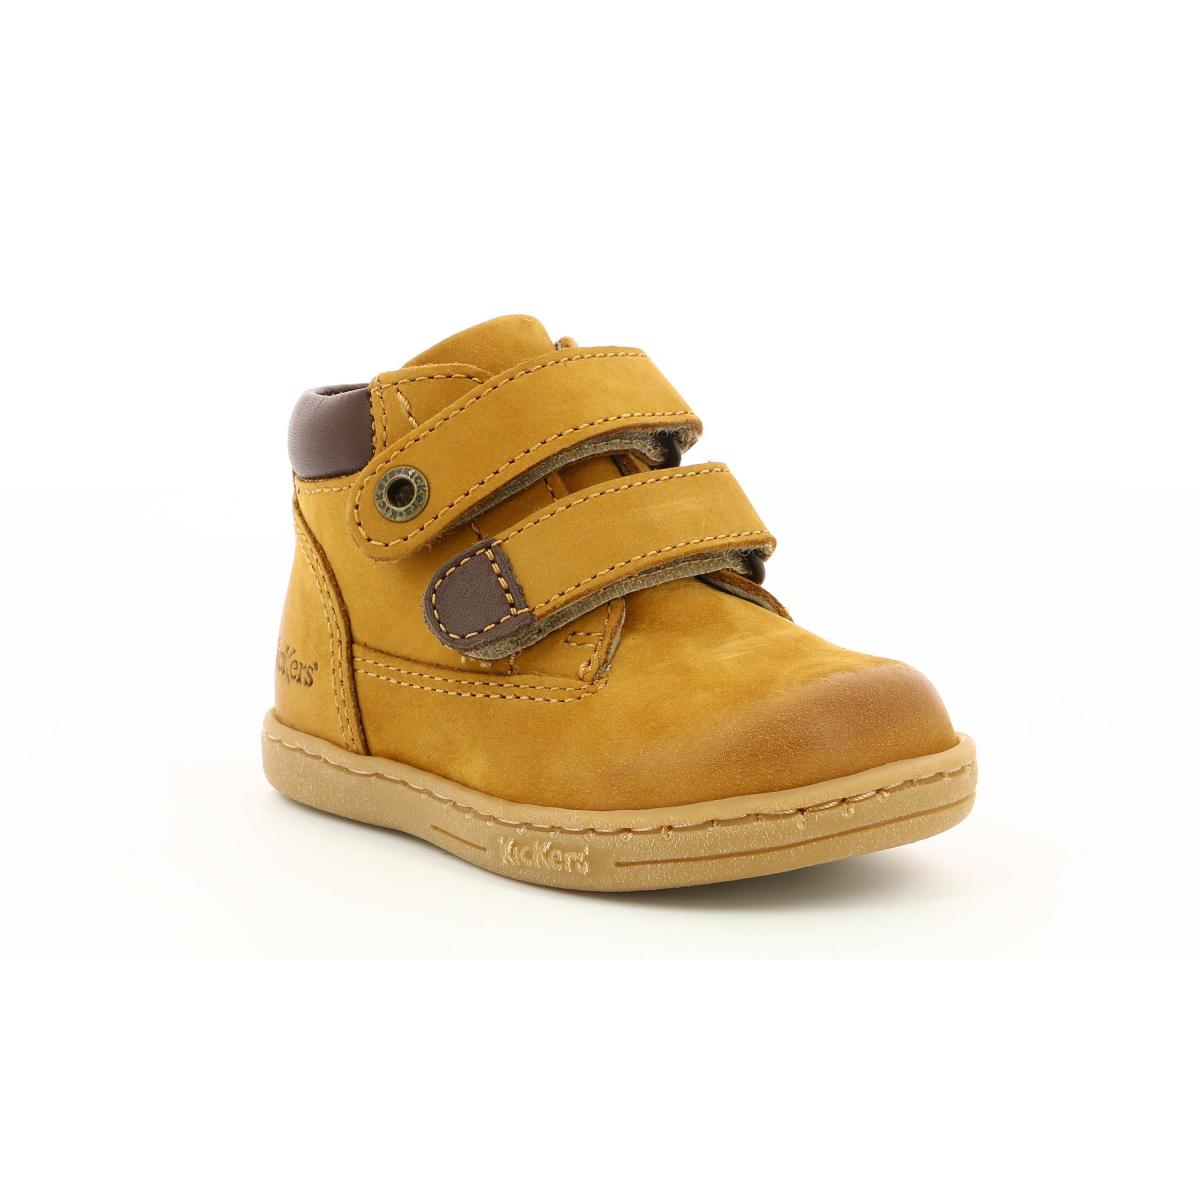 Kickers Chaussures 24 Enfant Retours Gratuits Taille qOag6